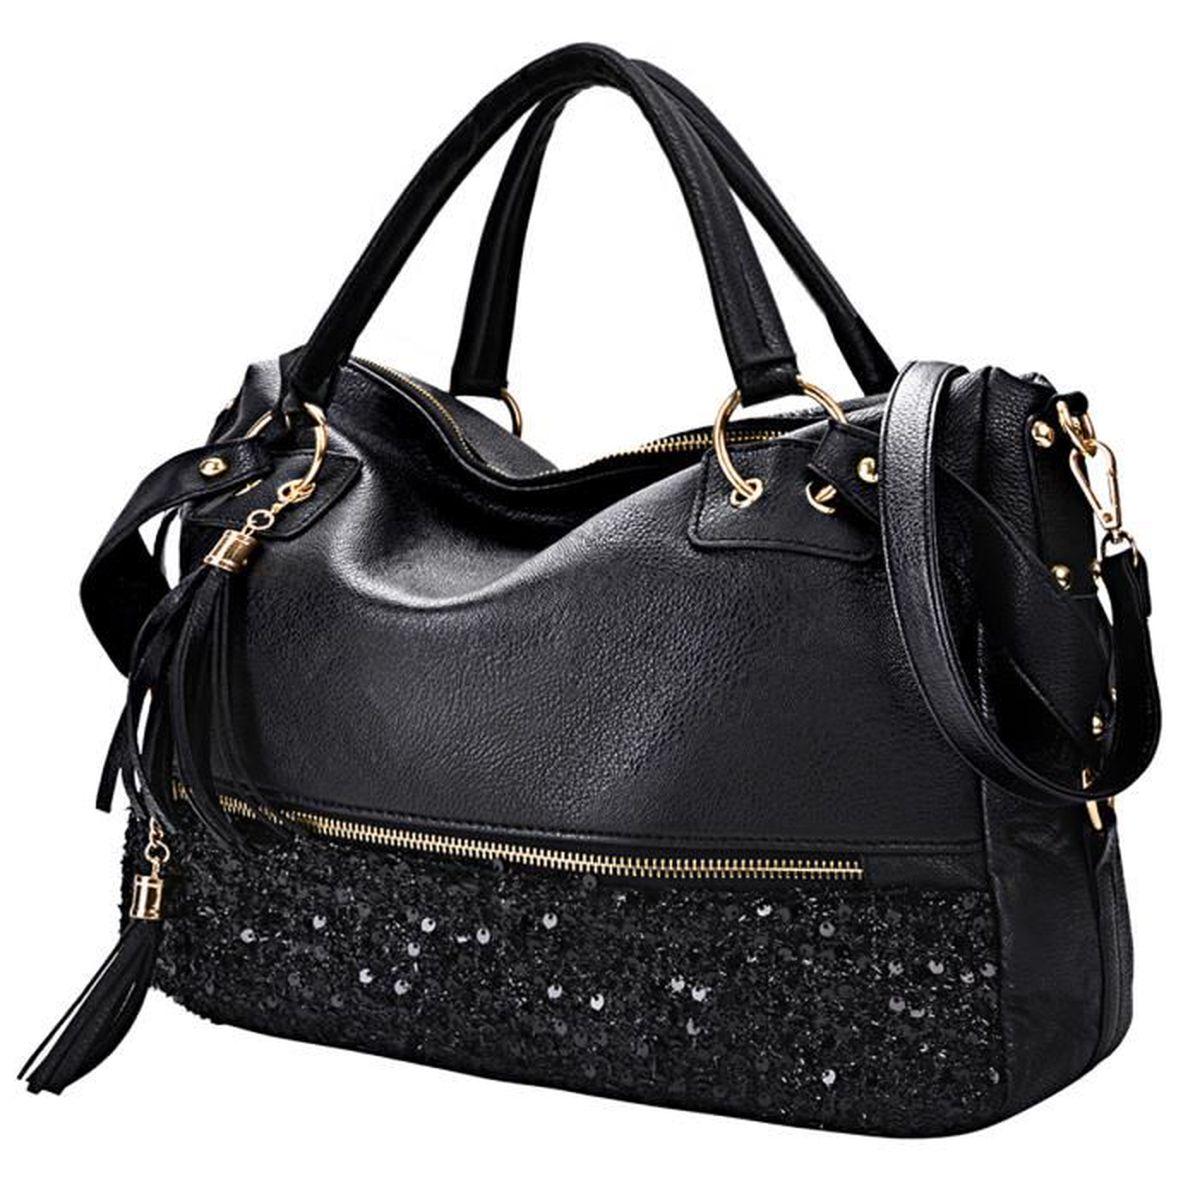 e6660f355e ... épaule femme sacoche(Coofit ). POCHETTE sac à main femme sac bandoulière  fuax cuir ...